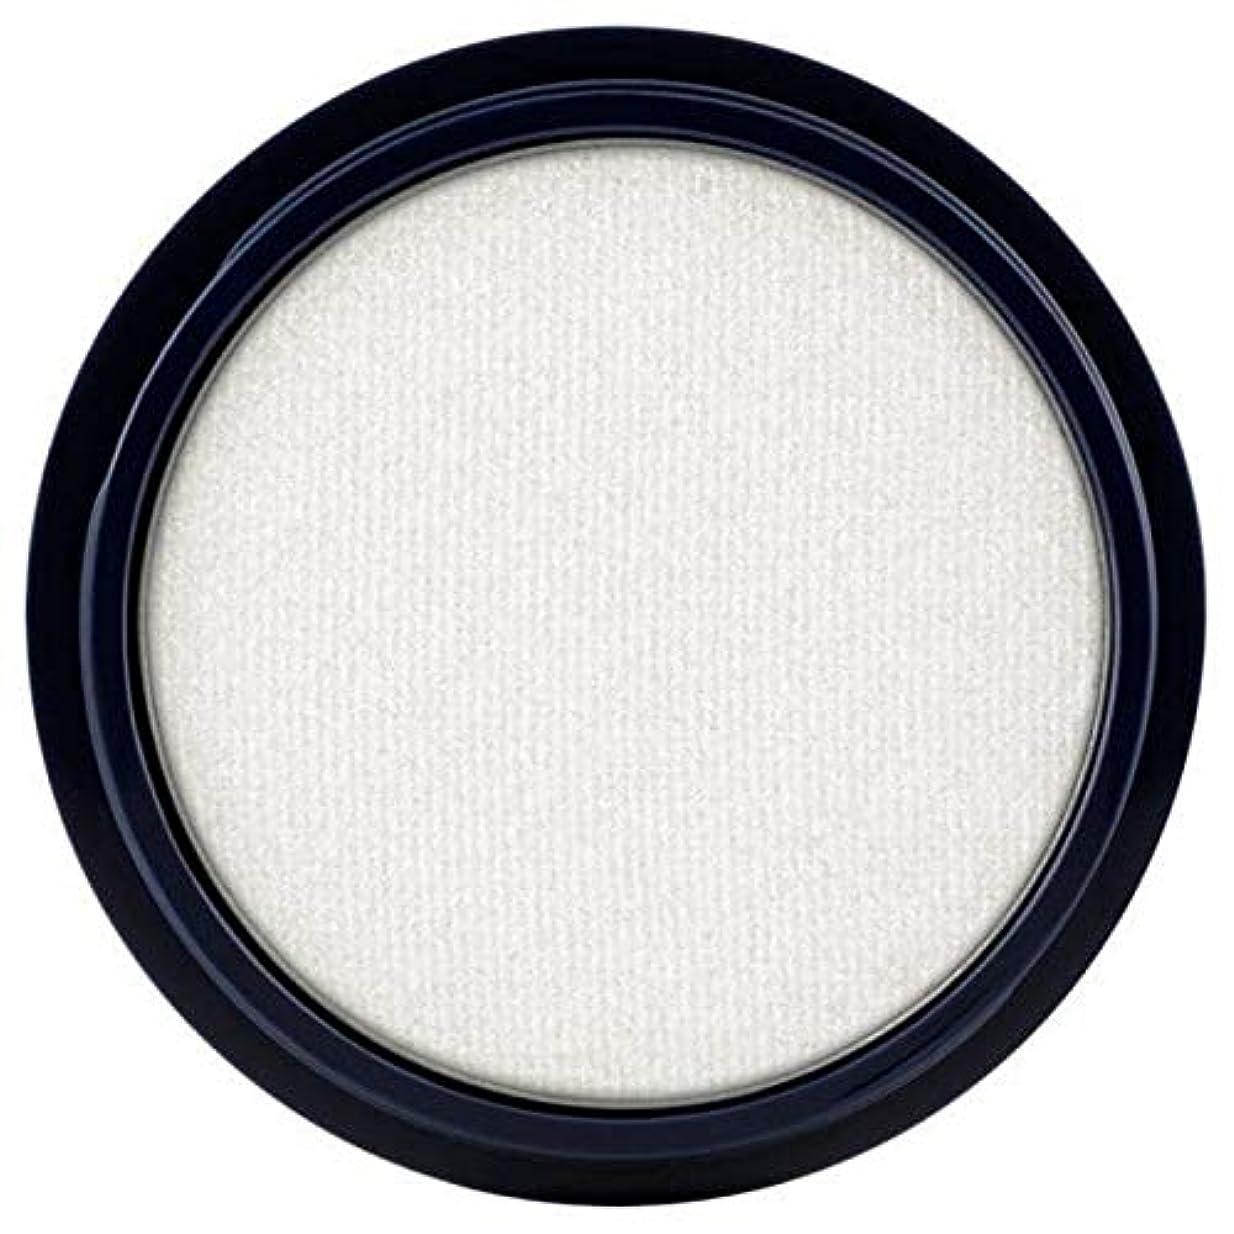 テレビを見るエレベーター反射[Max Factor ] 白35 Definatマックスファクター野生シャドウアイシャドウポット - Max Factor Wild Shadow Eyeshadow Pot Definat White 35 [並行輸入品]